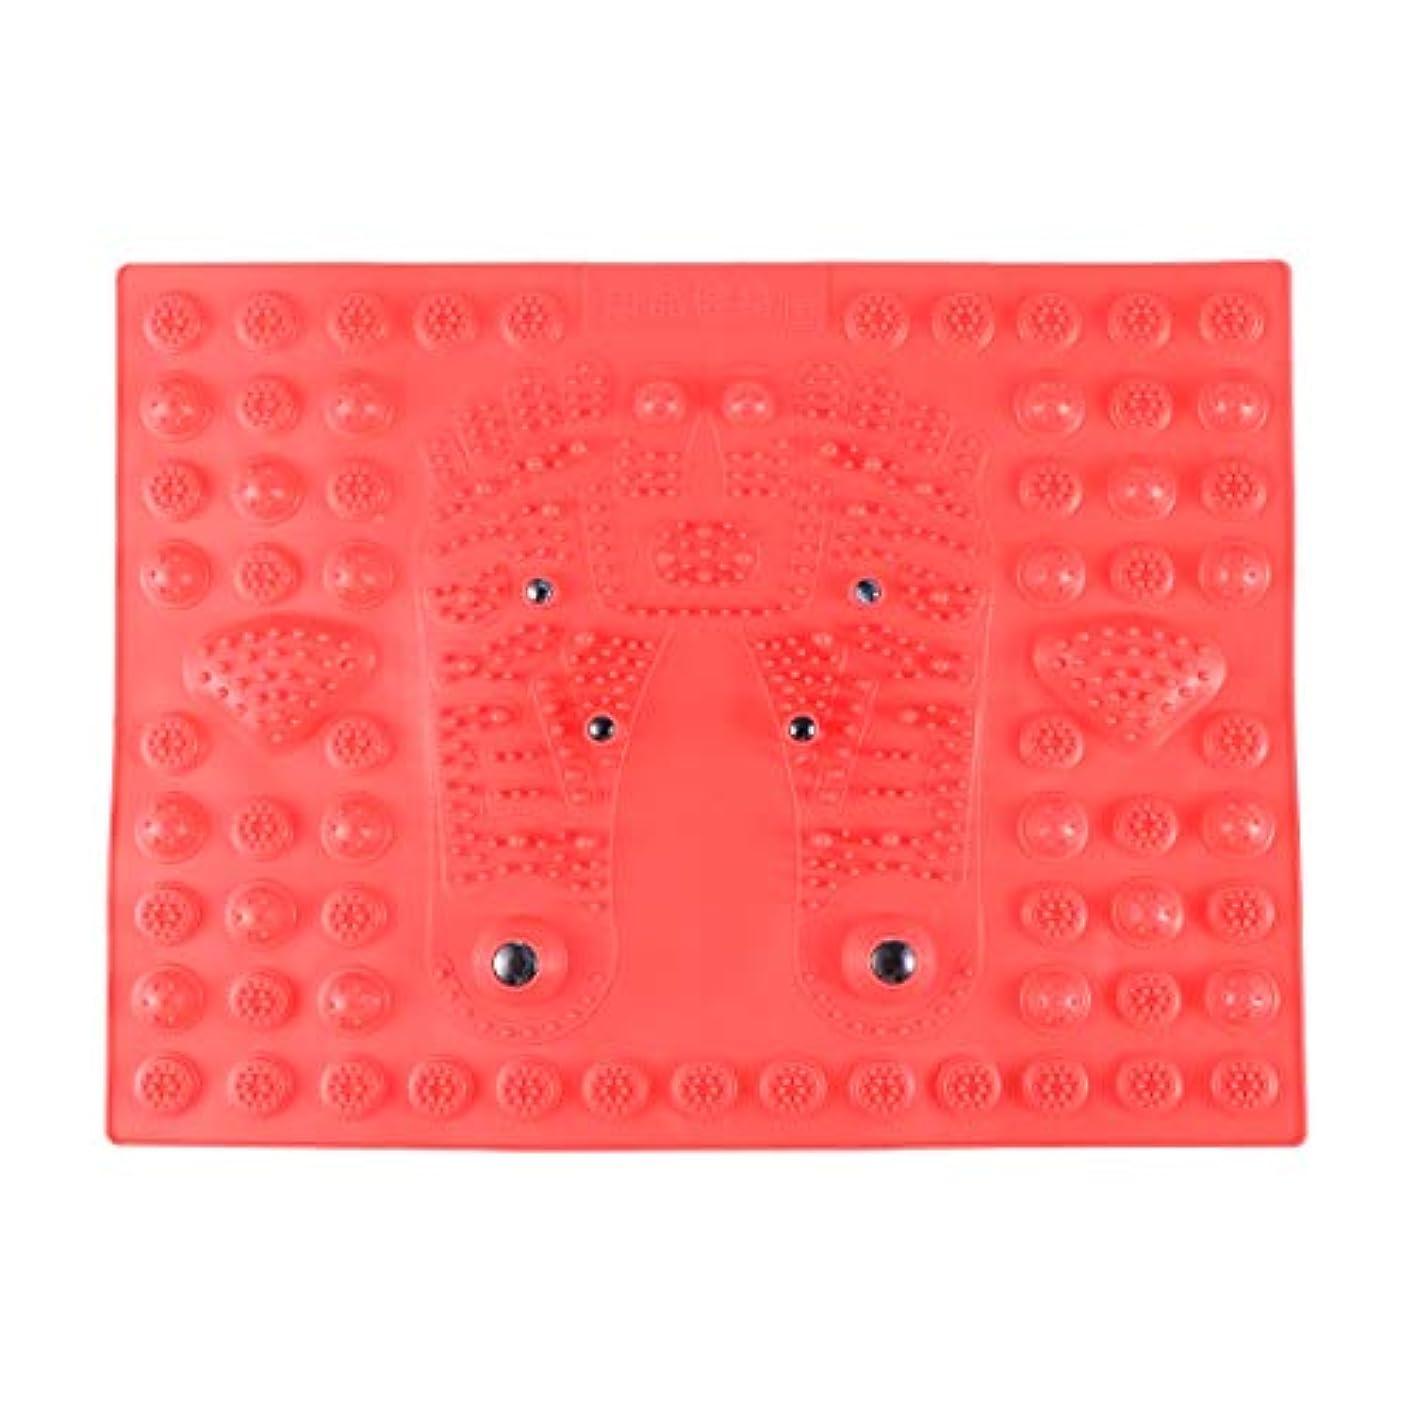 不器用スポット動SUPVOX フットマッサージマット指圧リラクゼーションリフレクソロジーマット磁気療法フィートマット(レッド)